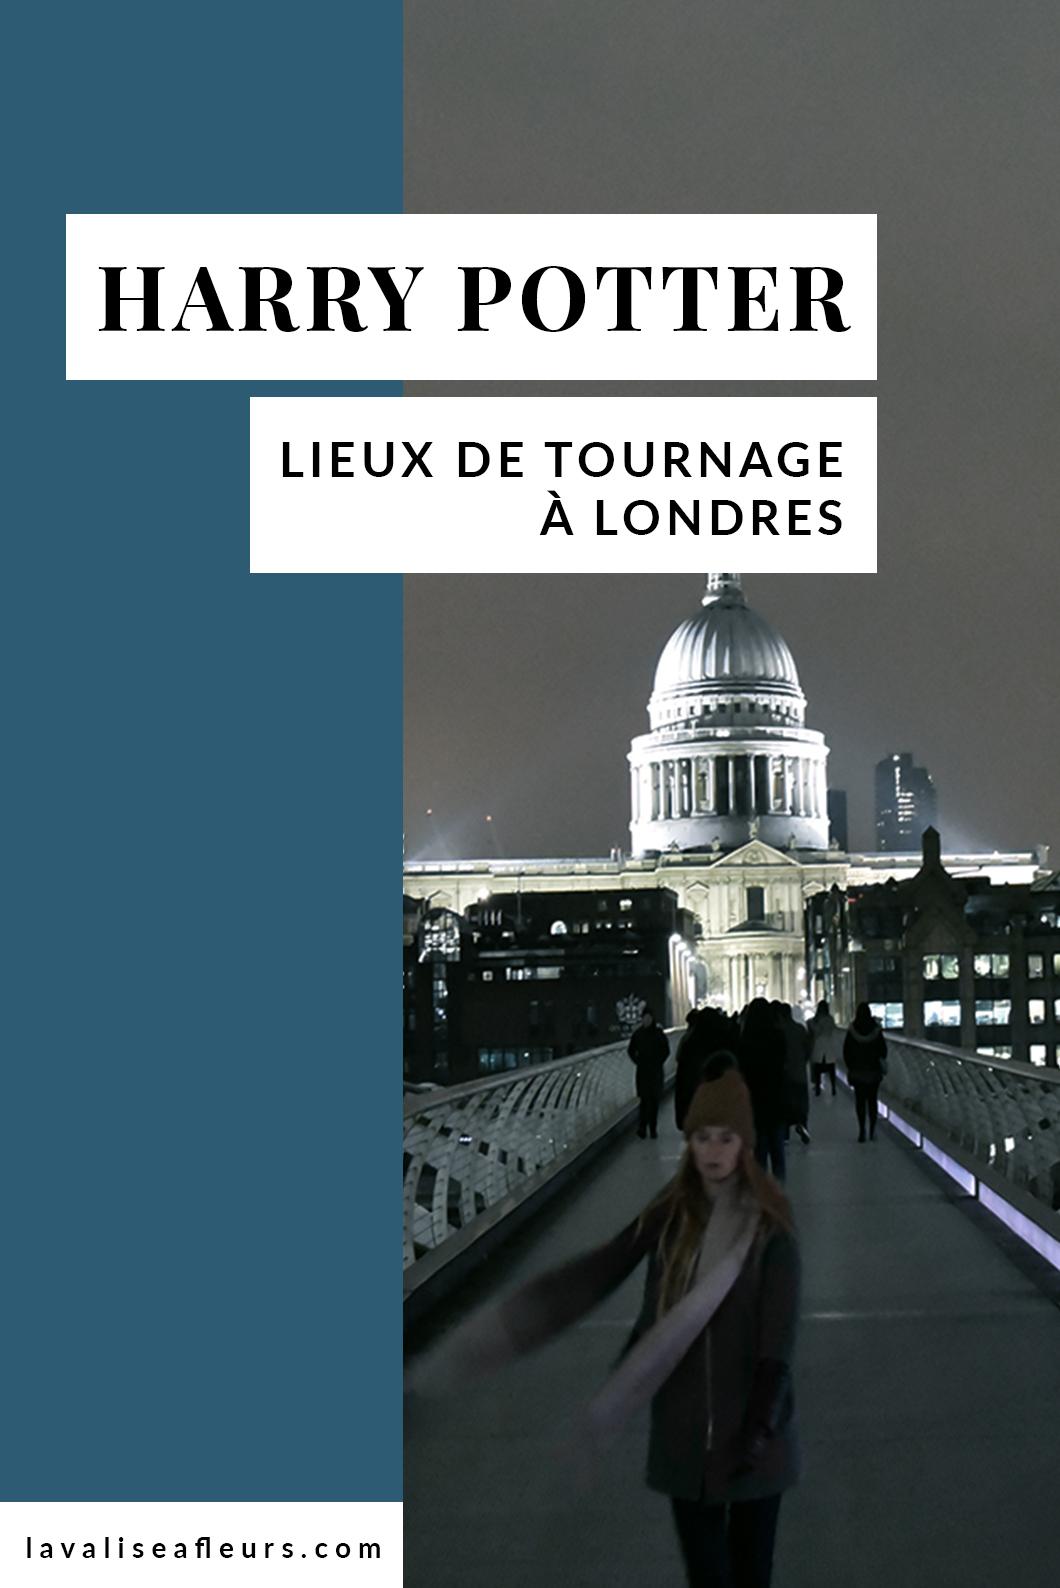 Où sont les lieux de tournage de Harry Potter dans Londres ?